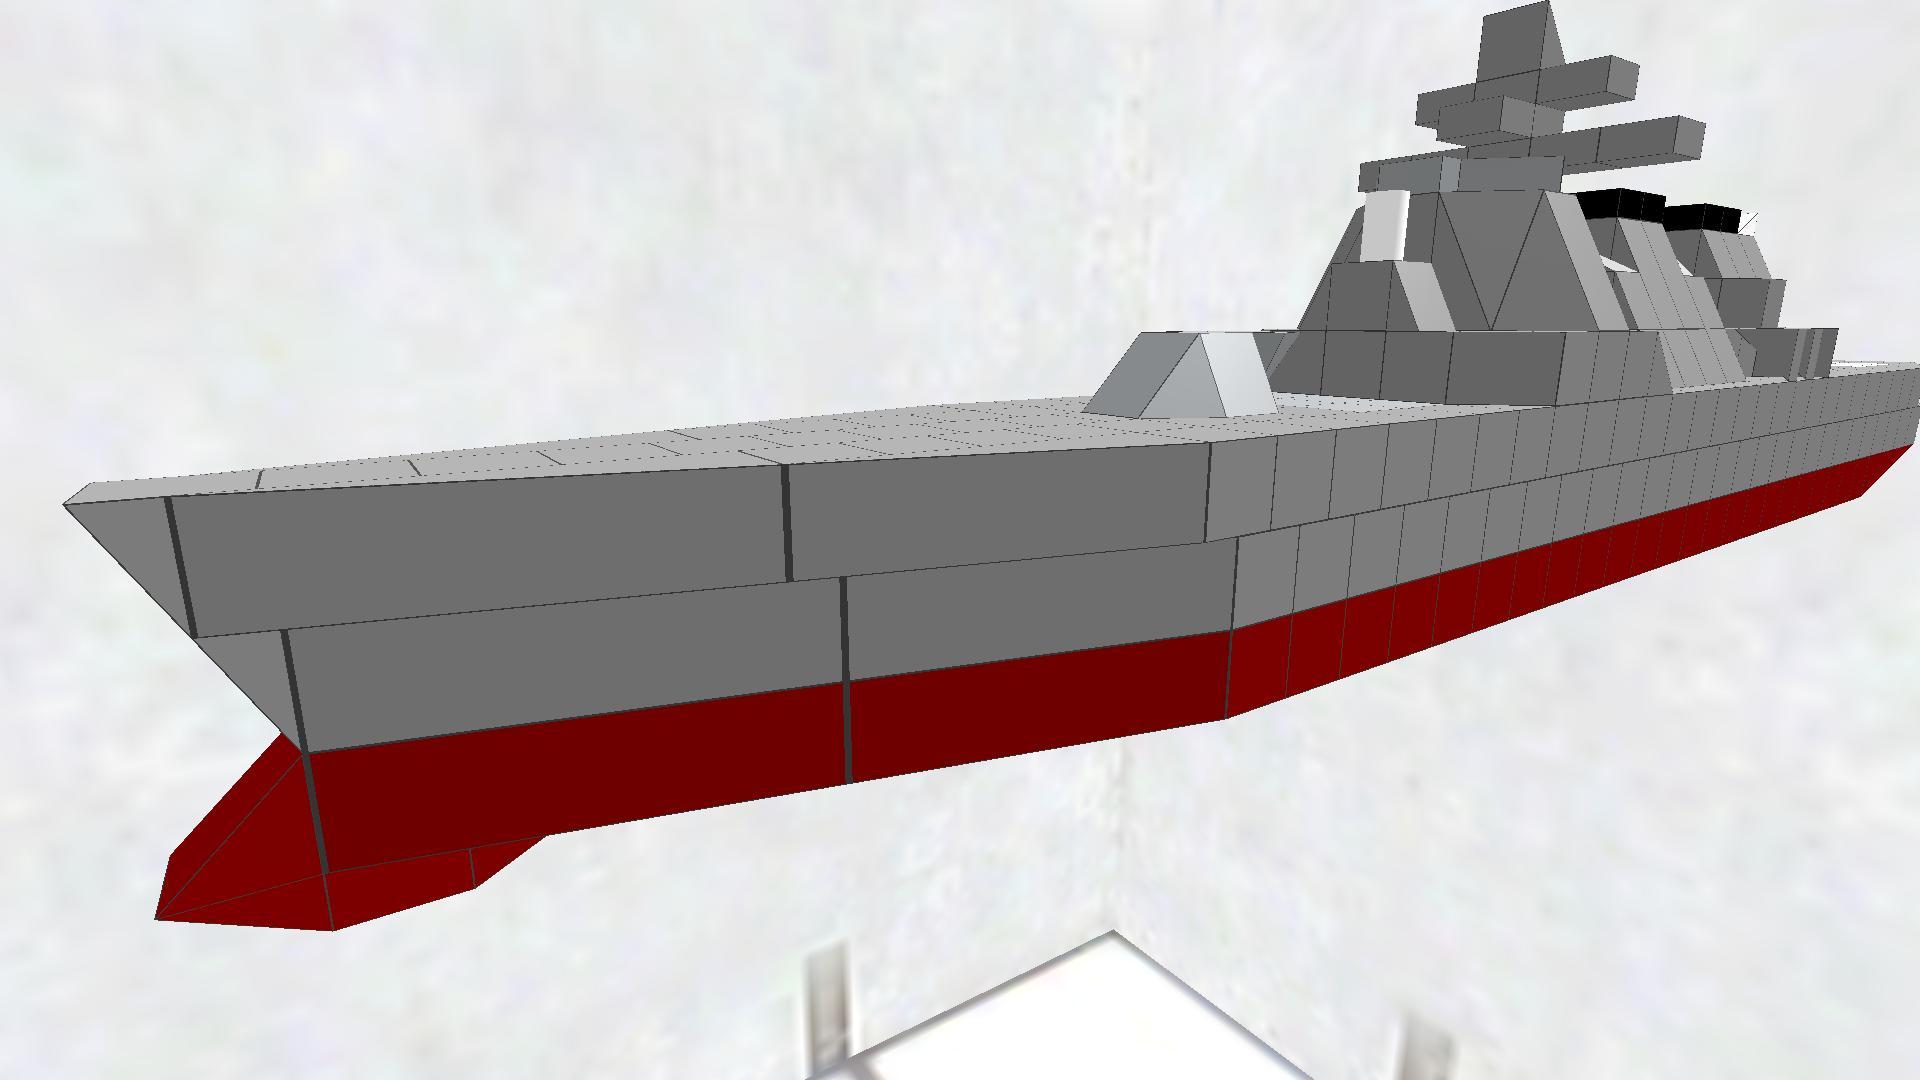 はるな型イージス護衛艦